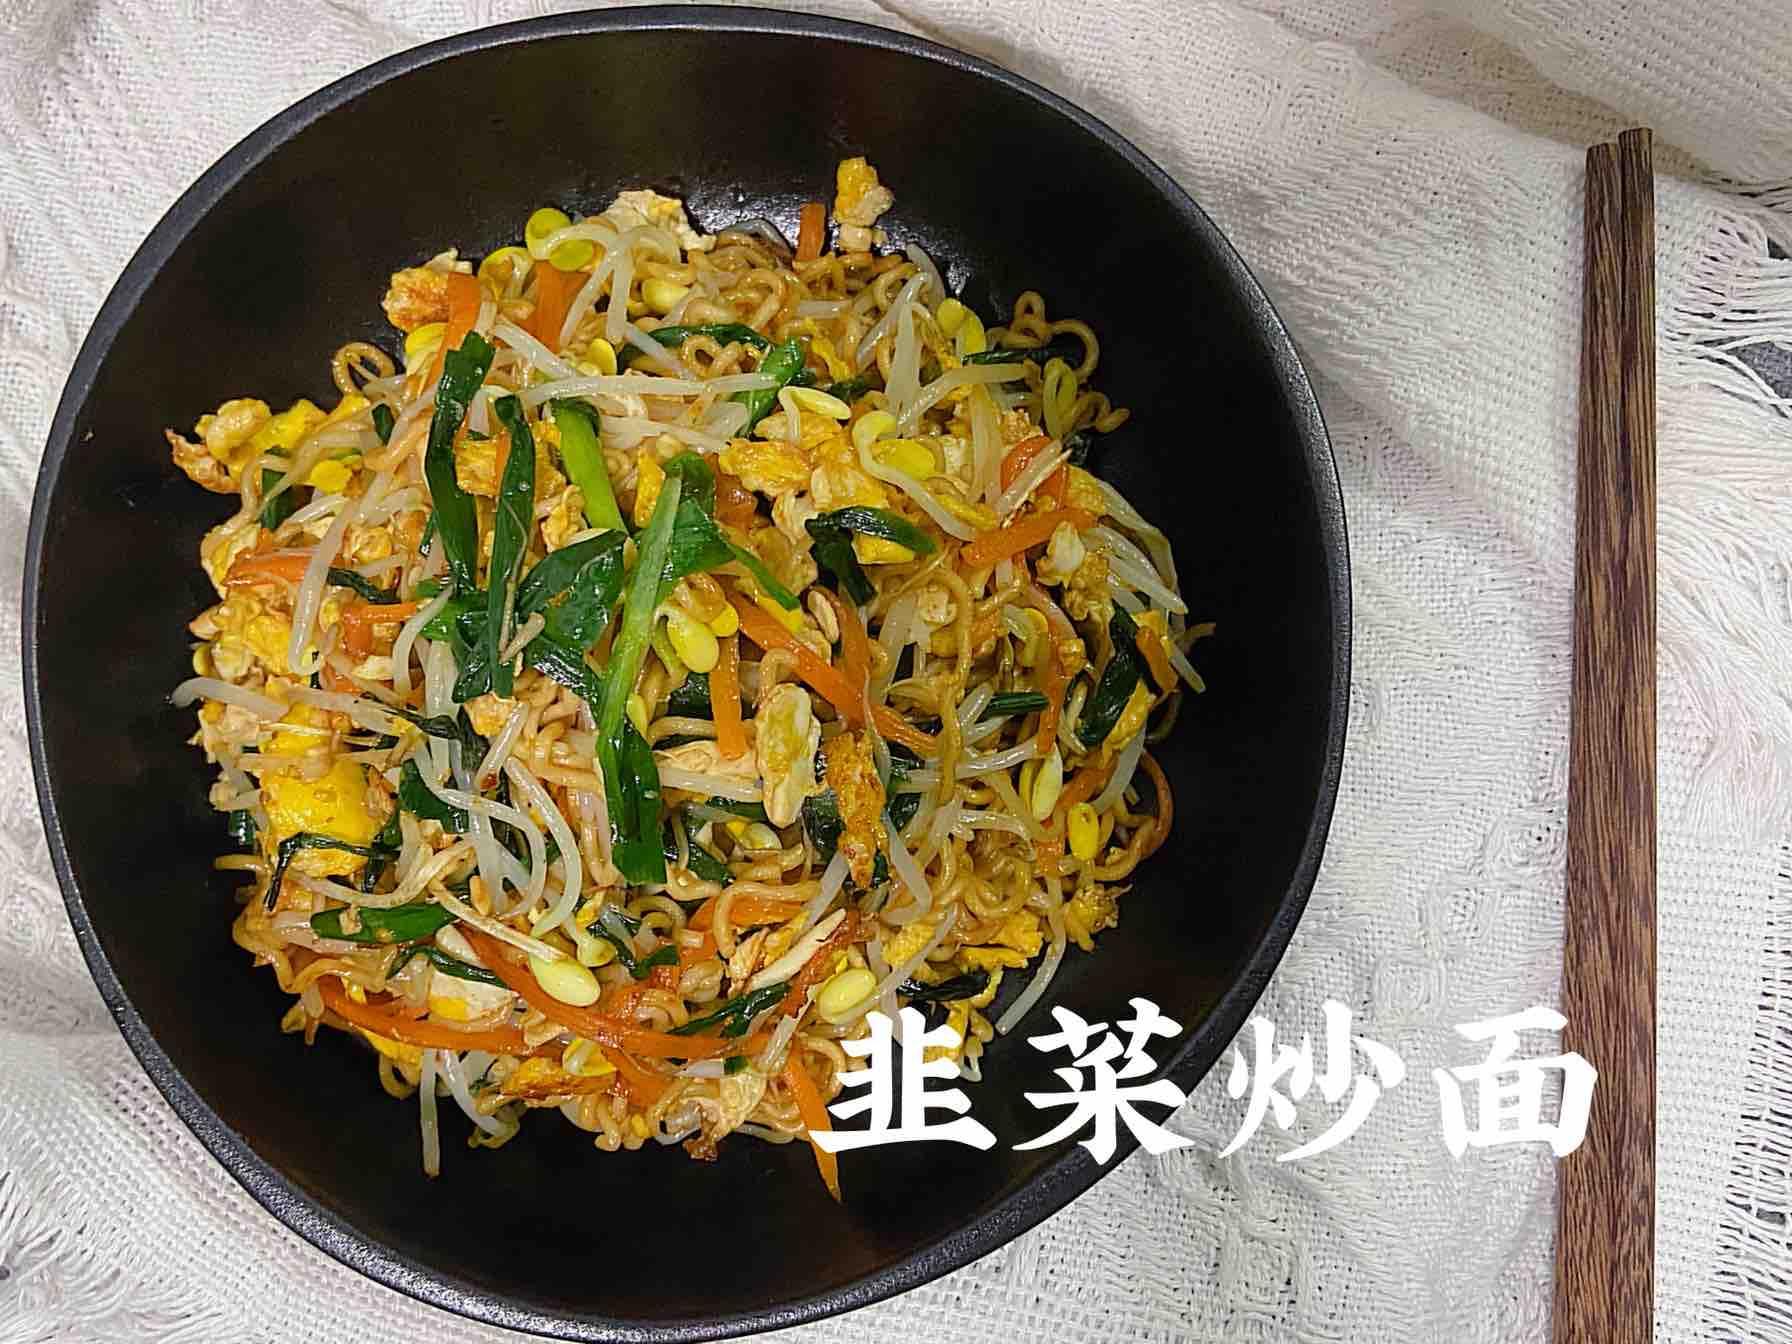 二月韭菜正当时之韭菜炒面成品图